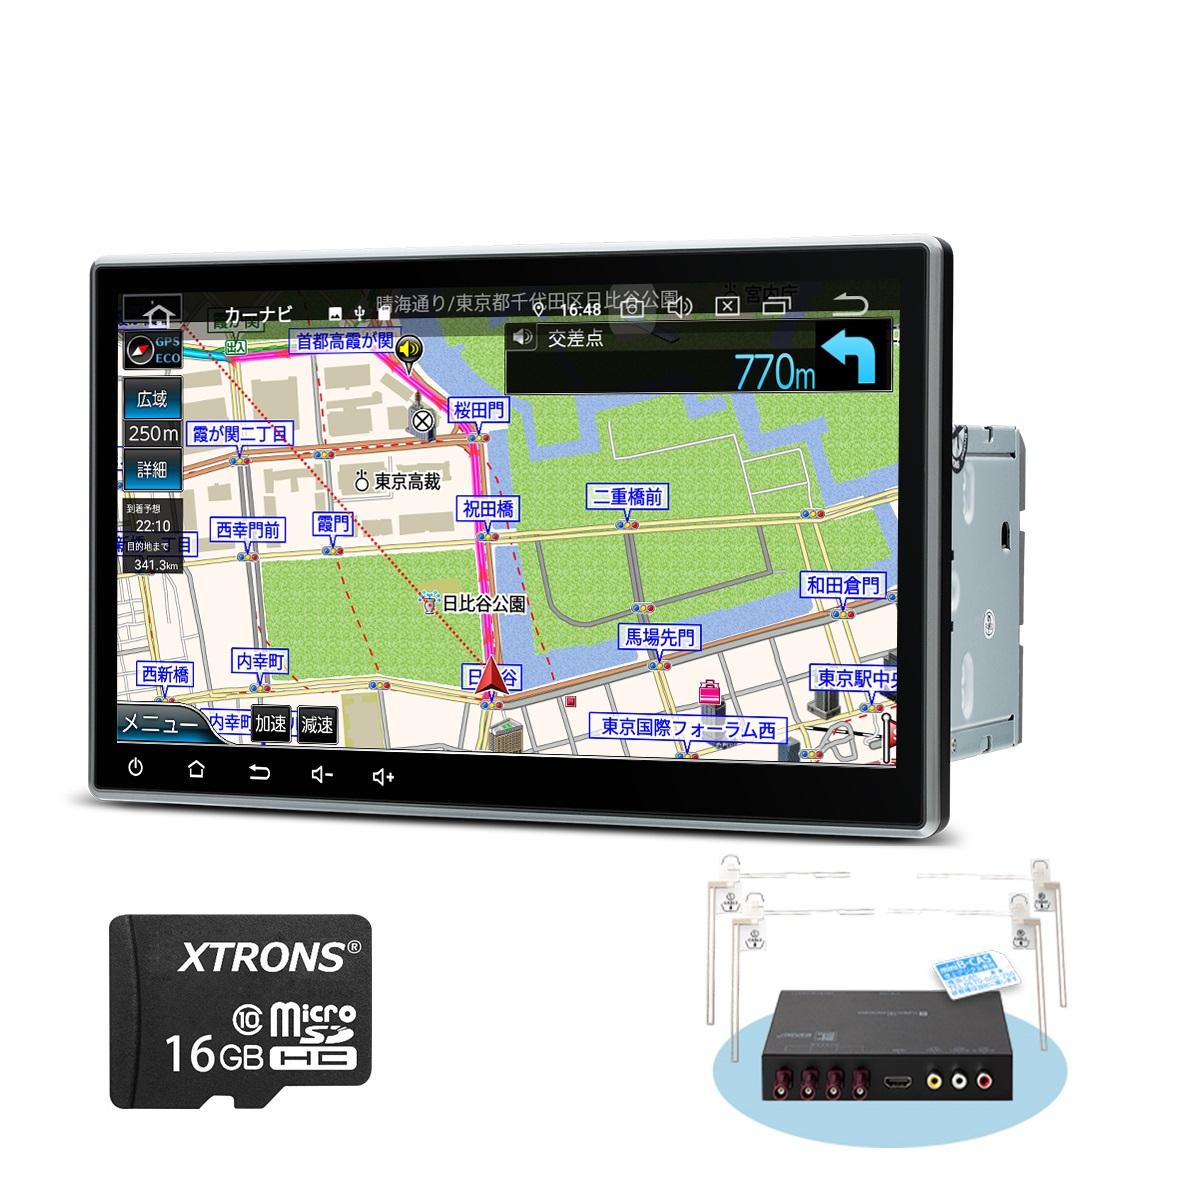 4G LTE通信モジュール内蔵 地図カード付 DVDプレーヤー 4x4地デジ搭載 TMA105SI-MAP XTRONS ゼンリン地図付 カーナビ 4G通信対応 2DIN 8コア 新作通販 地デジ搭載 Android10.0 WiFi Bluetooth DSP 10.1インチ カーオーディオ フルセグ 4GB+64GB 大画面 マルチウインドウ auto対応 車載PC NEW android iPhone対応